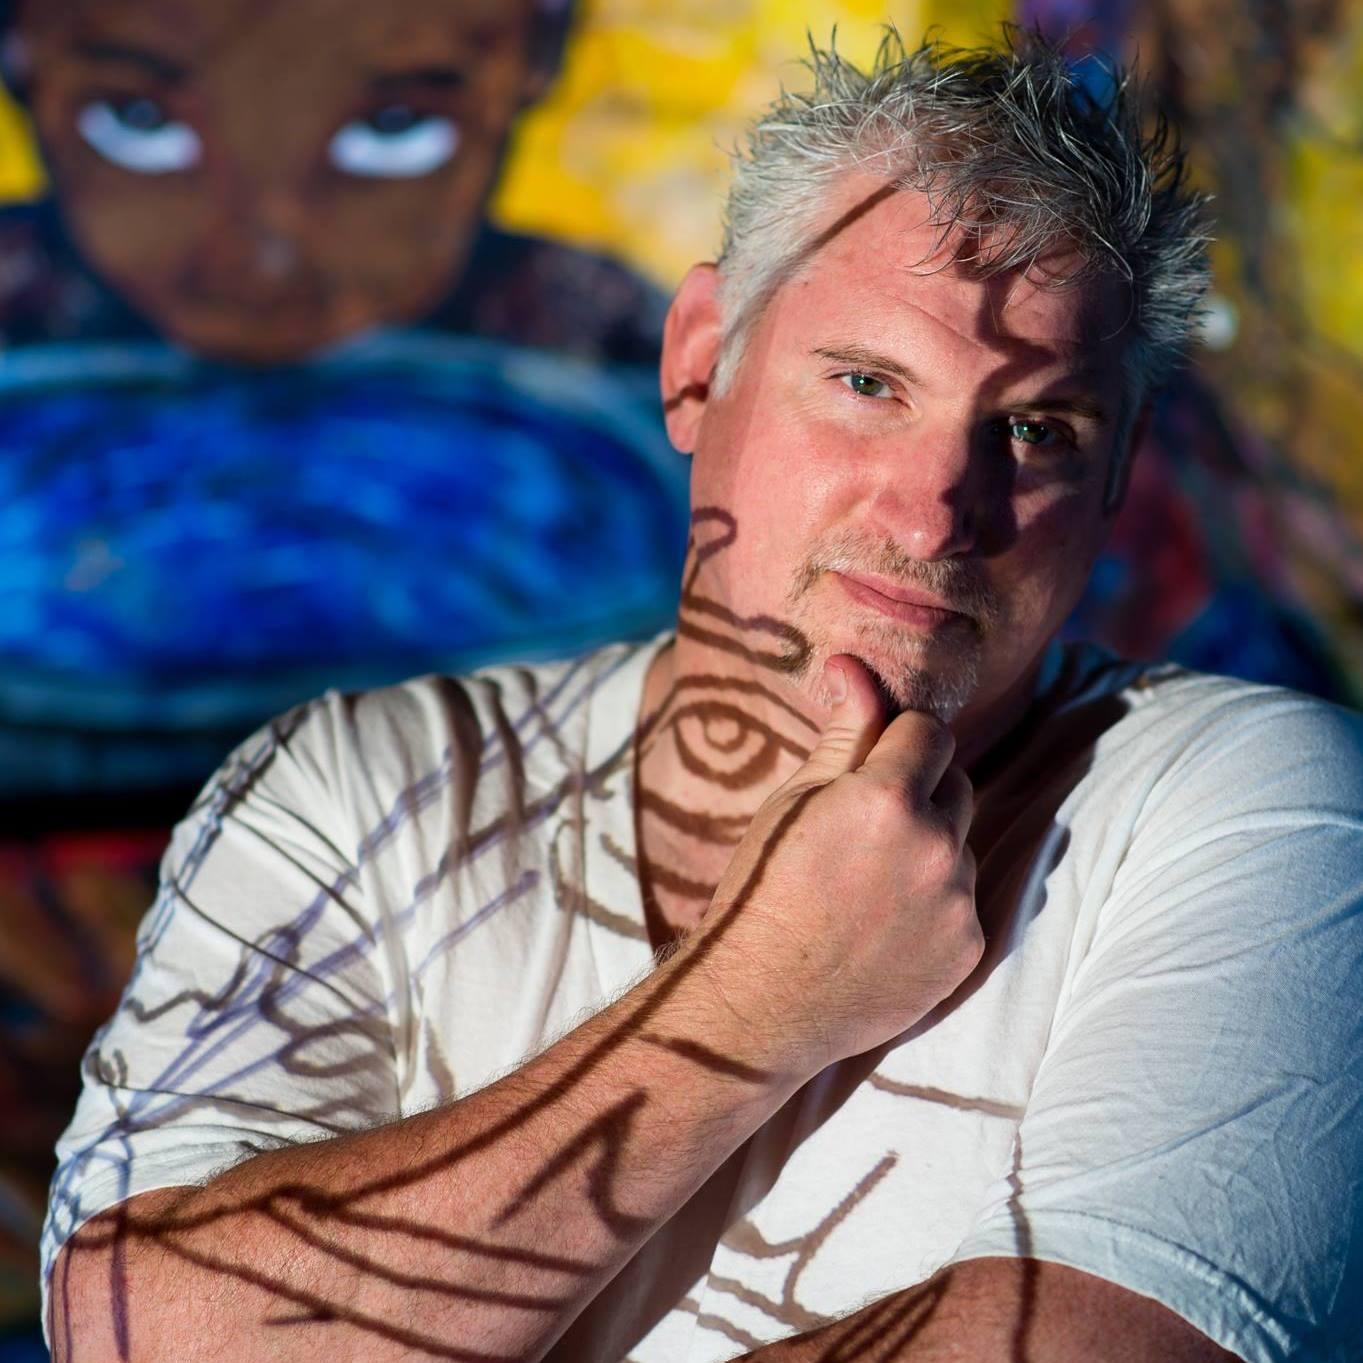 Mike Brennen